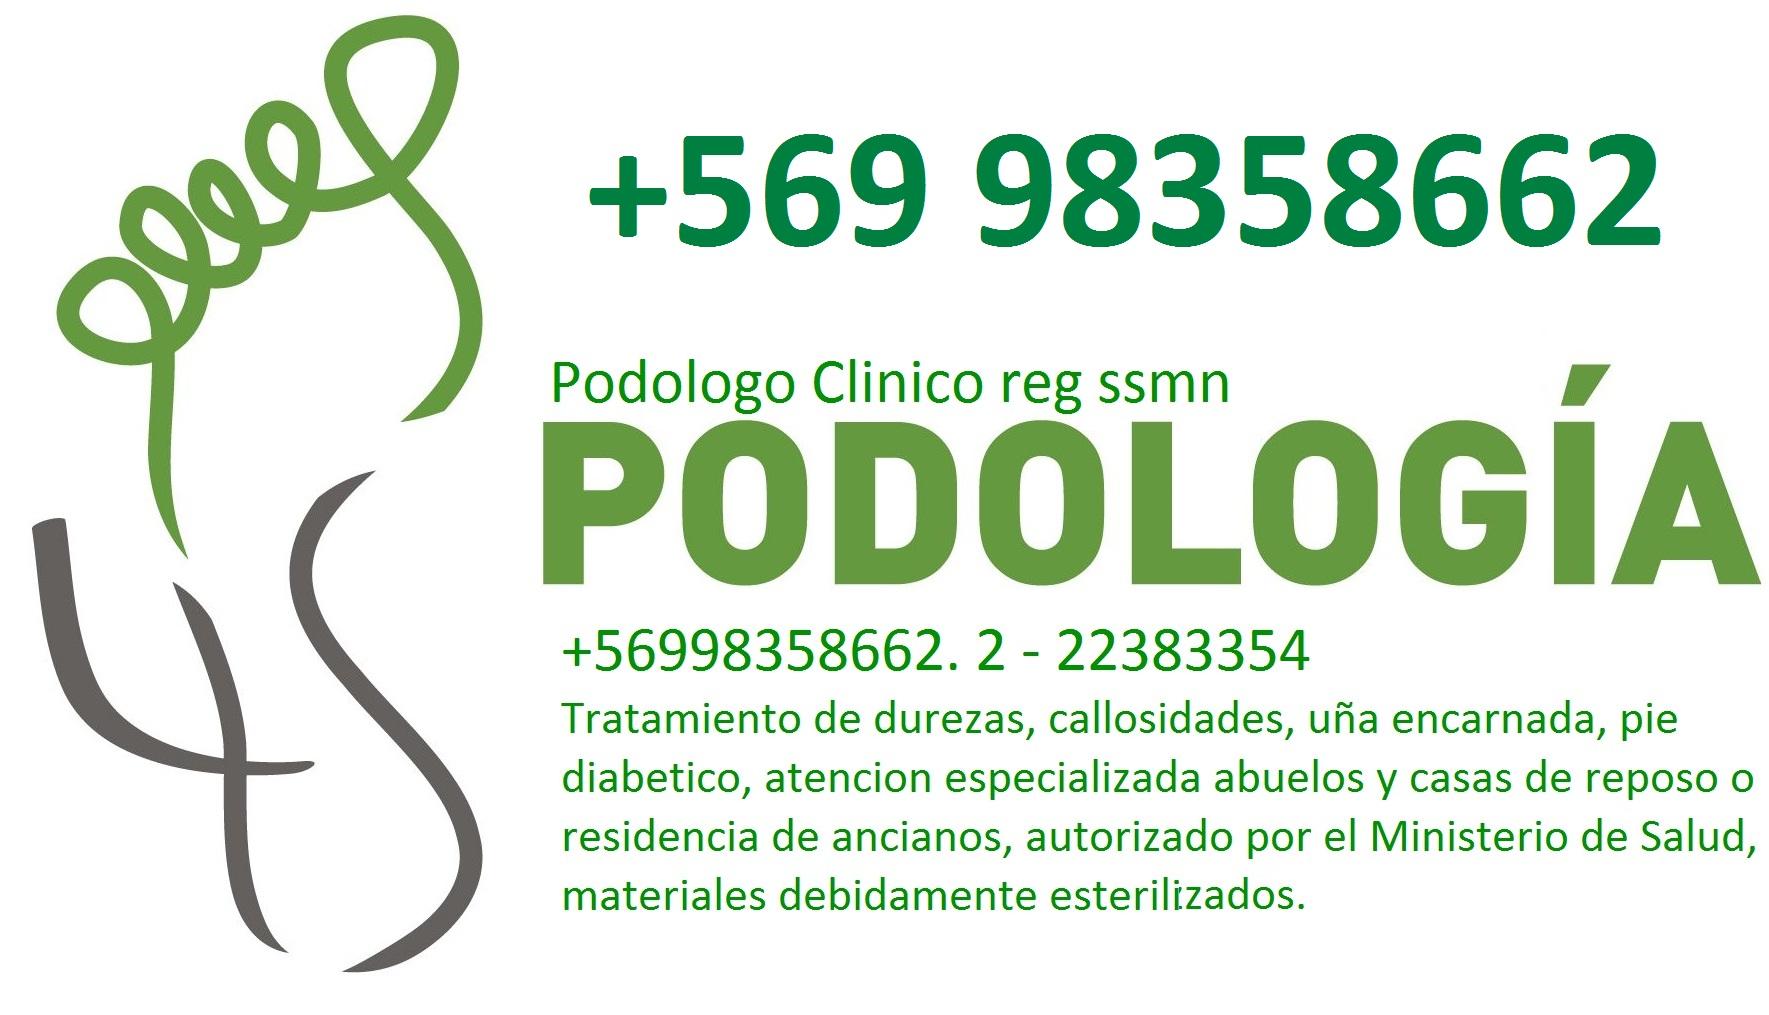 PODOLOGIA PEDIATRICA LAS CONDES +569 98358662